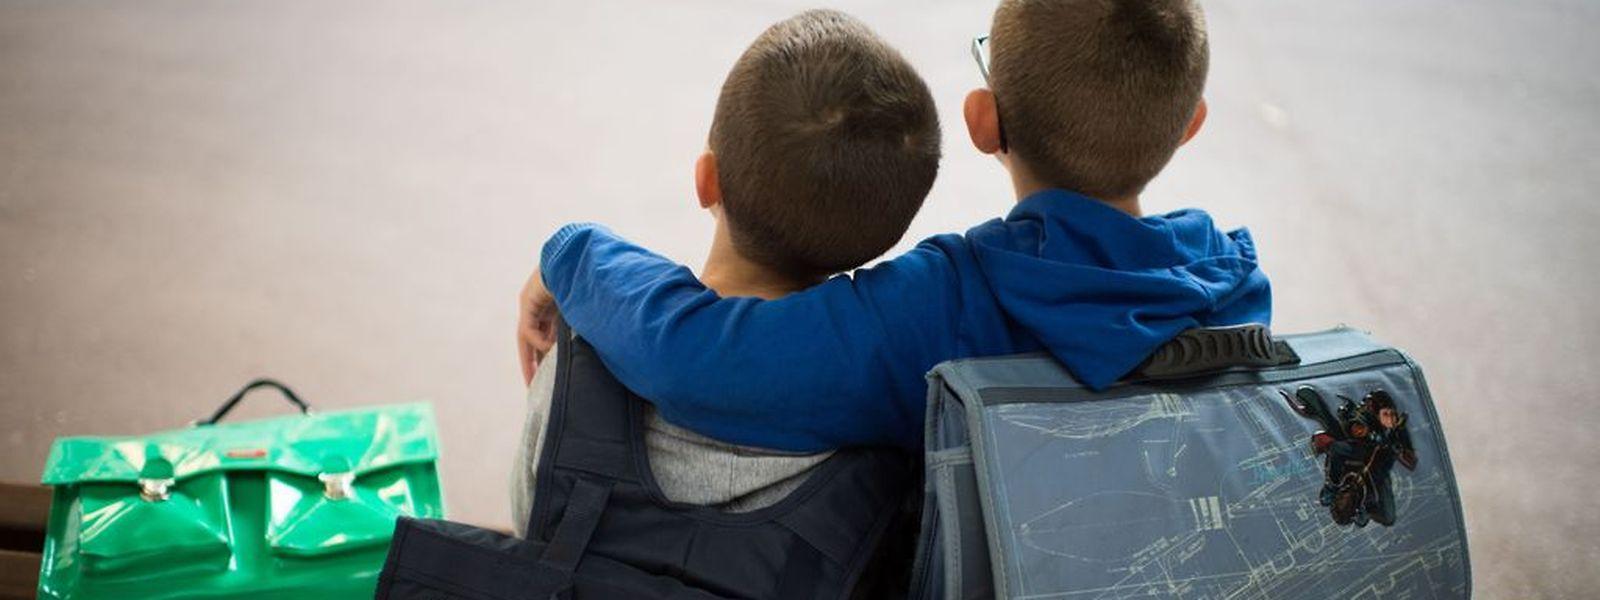 Nach den Sommerferien wird der Werteunterricht in Frankreich für Schüler an Grundschulen, Collèges und Lyzeen eingeführt.